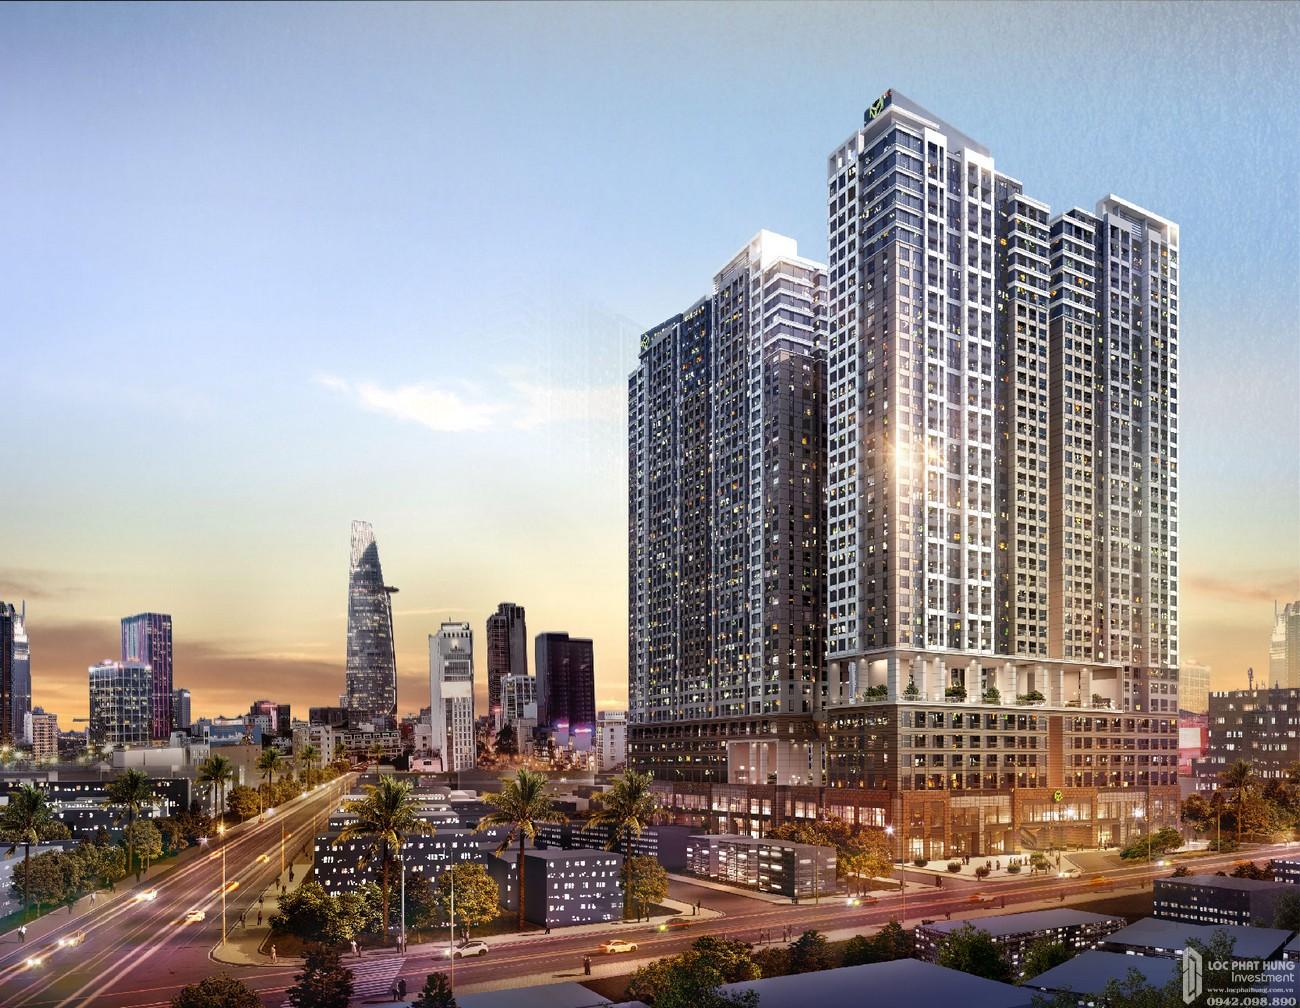 Phối cảnh tổng thể dự án căn hộ chung cư The Grand Manhattan Quận 1 Đường 100 Cô Giang nhà phát triển Novaland